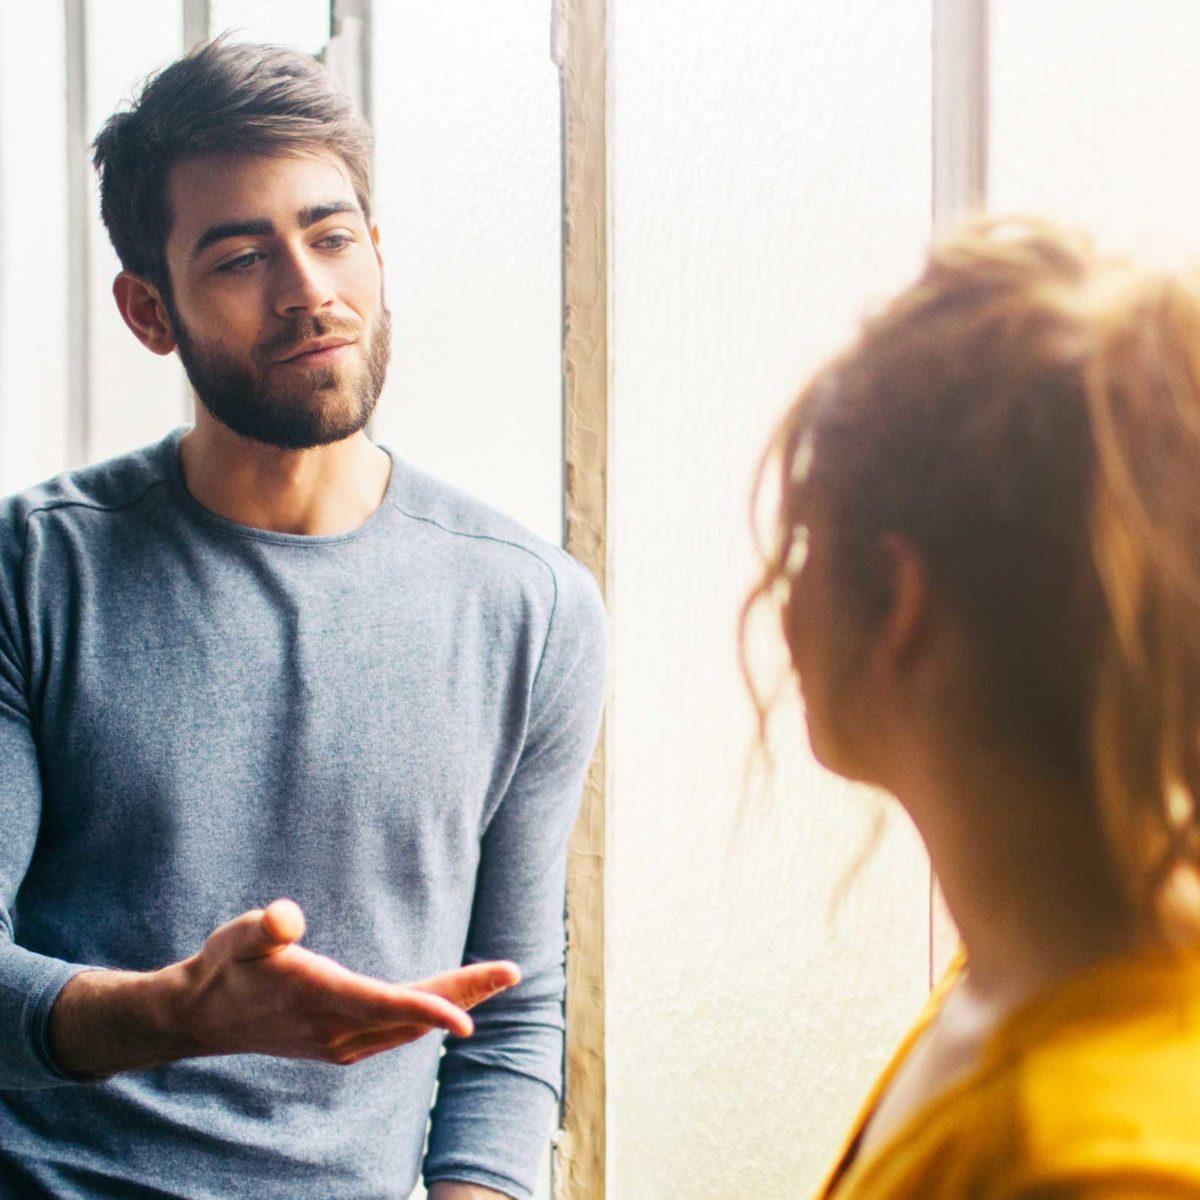 Guy que vous aimez est de sortir avec quelqu'un d'autre conversations en ligne de rencontres